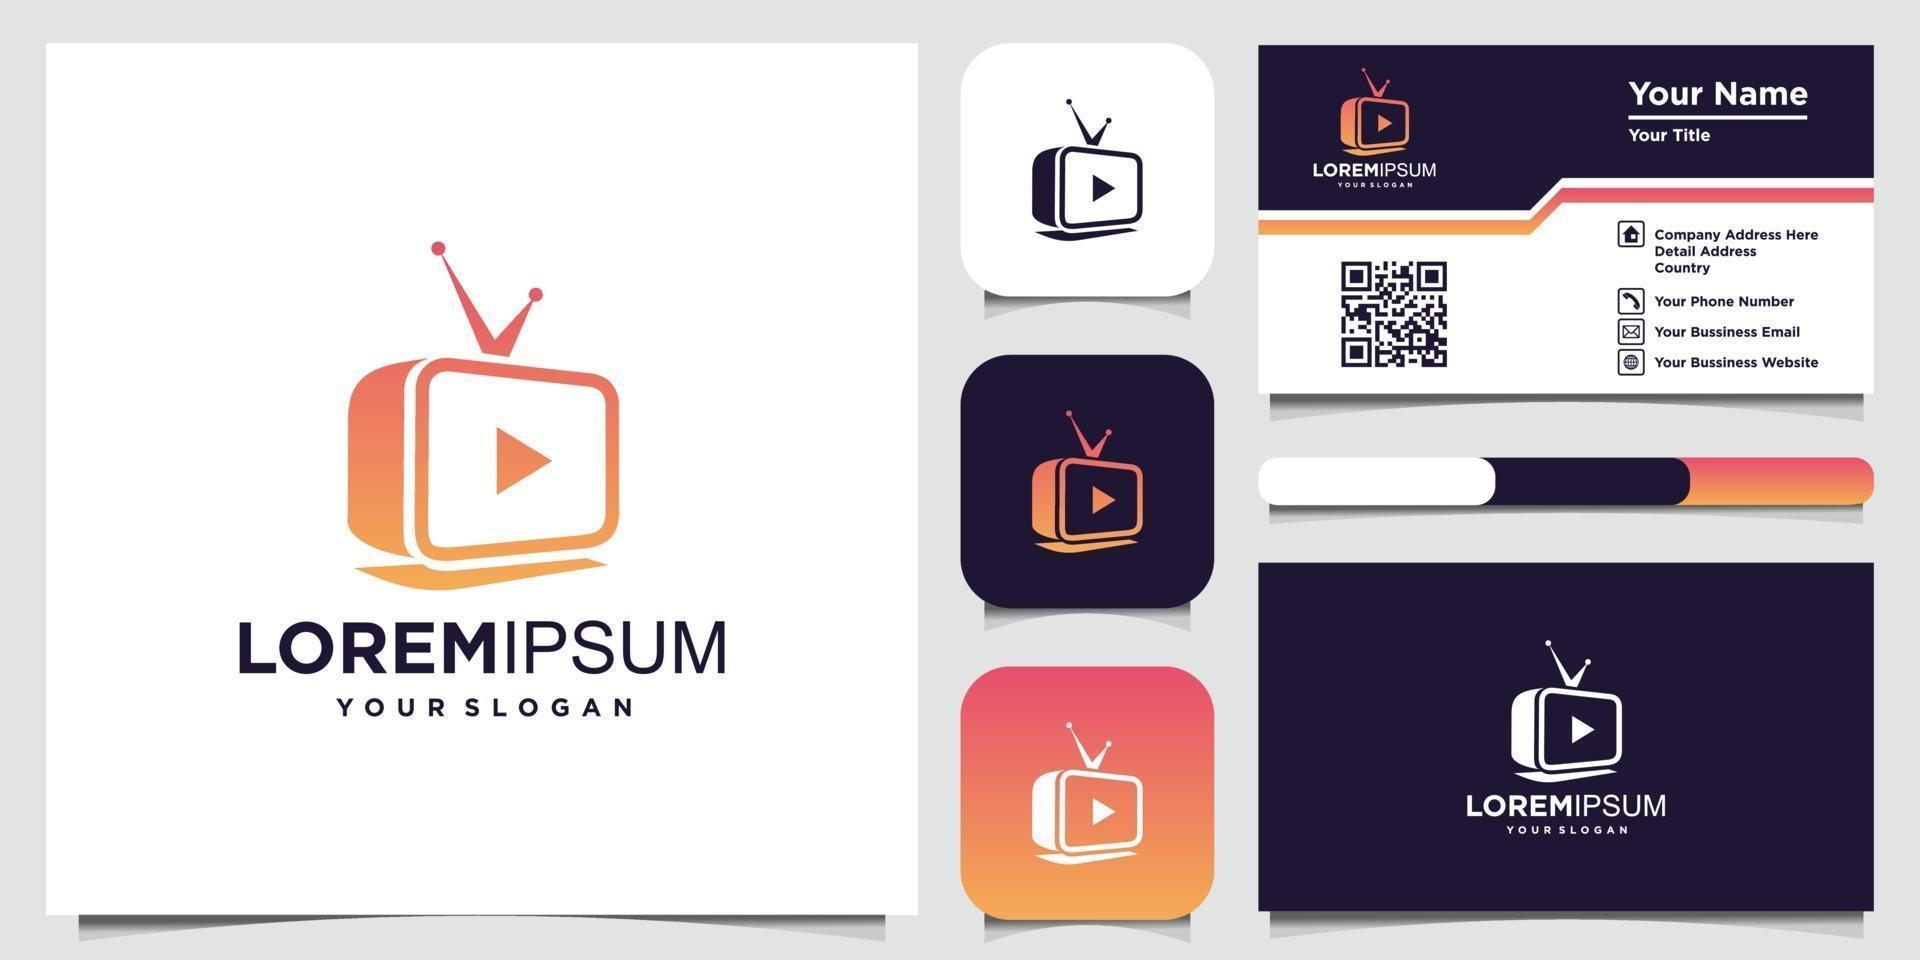 kreativ tv-koncept logotyp formgivningsmall och visitkort vektor